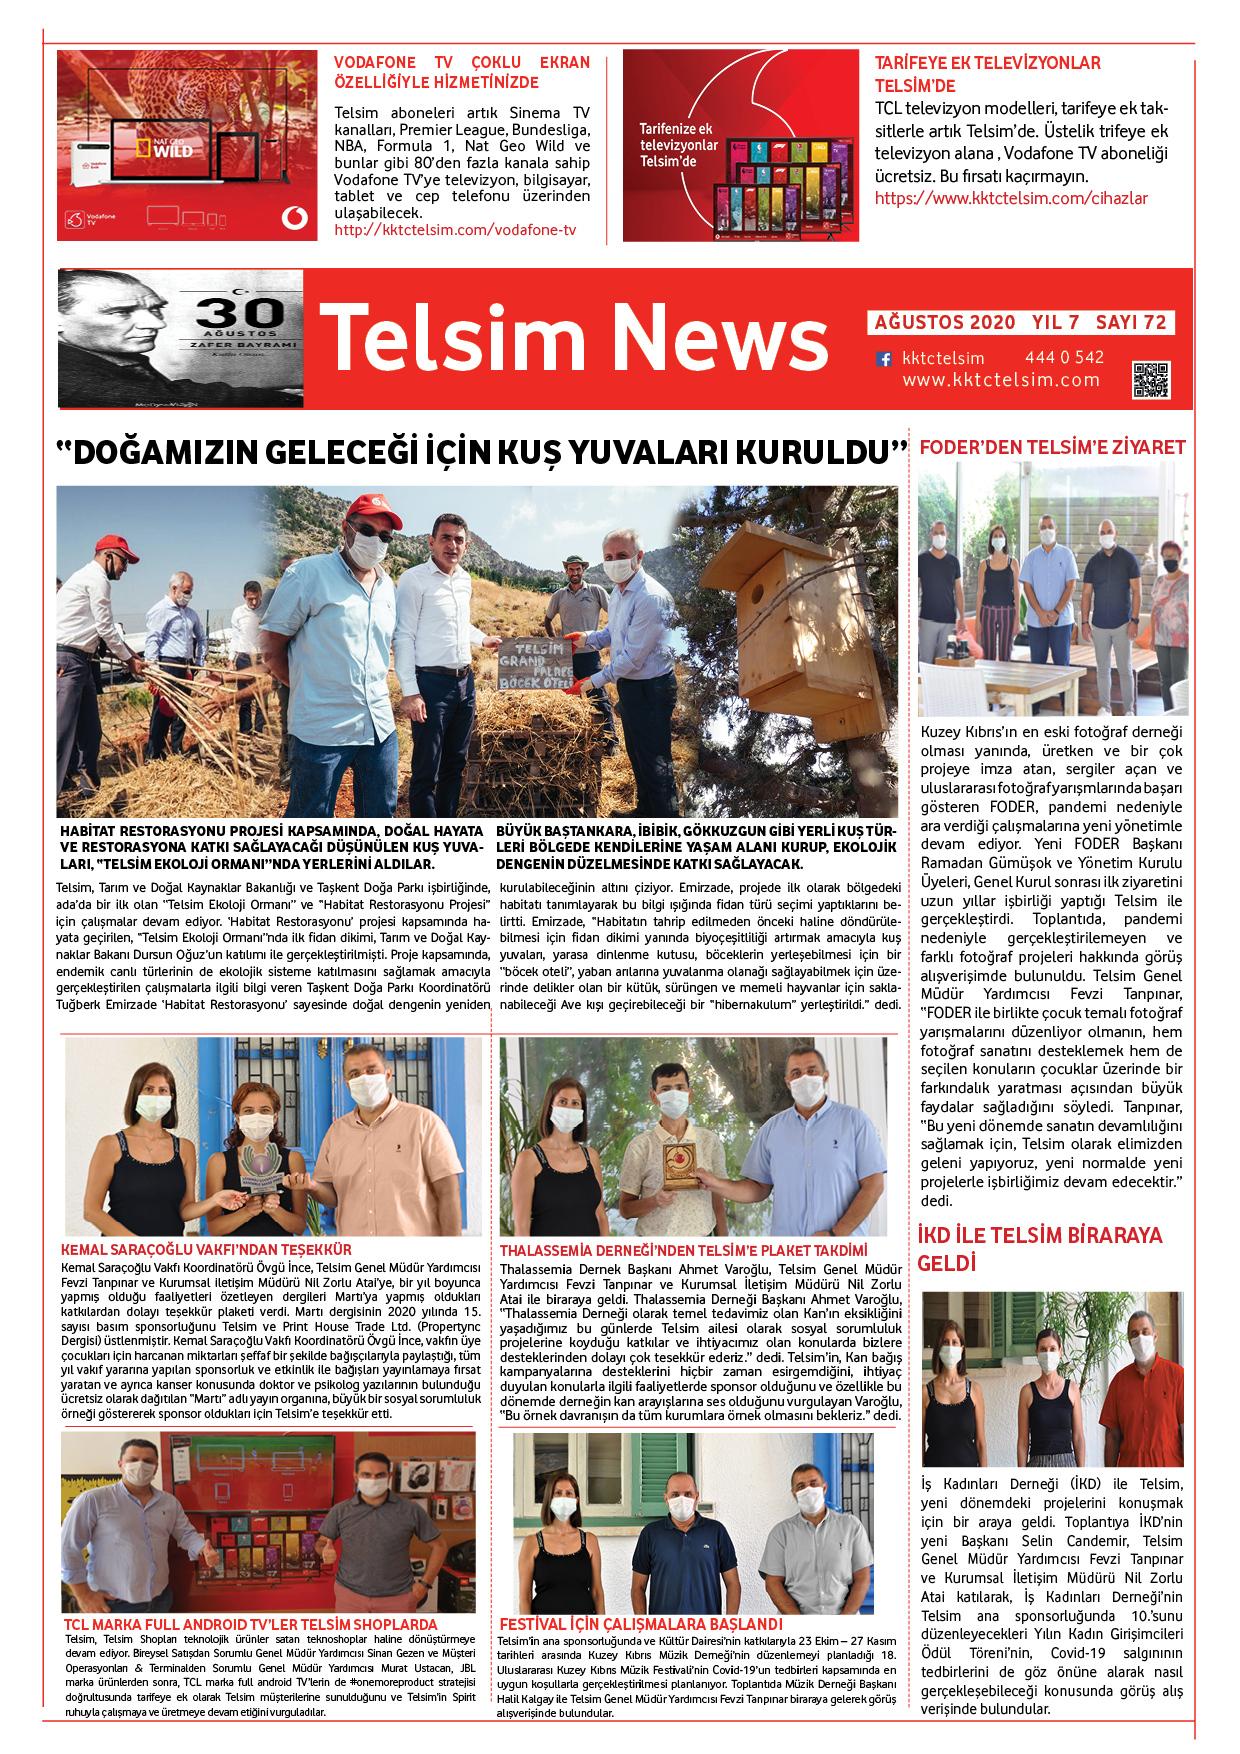 Telsim News Ağustos 2020